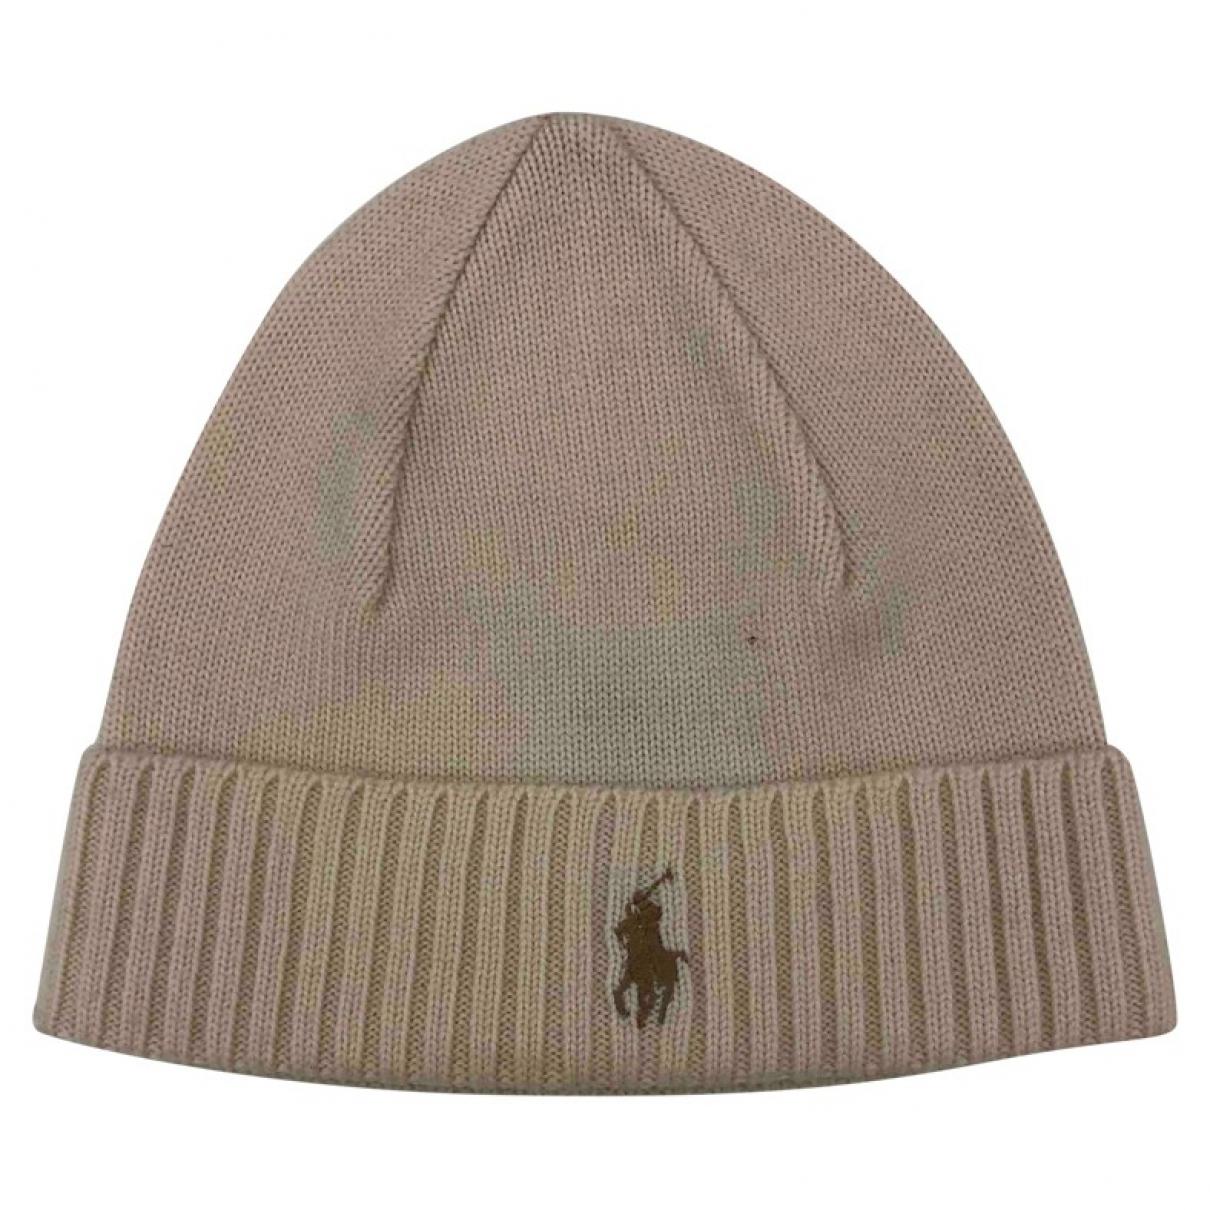 Polo Ralph Lauren - Chapeau & Bonnets   pour homme en laine - blanc